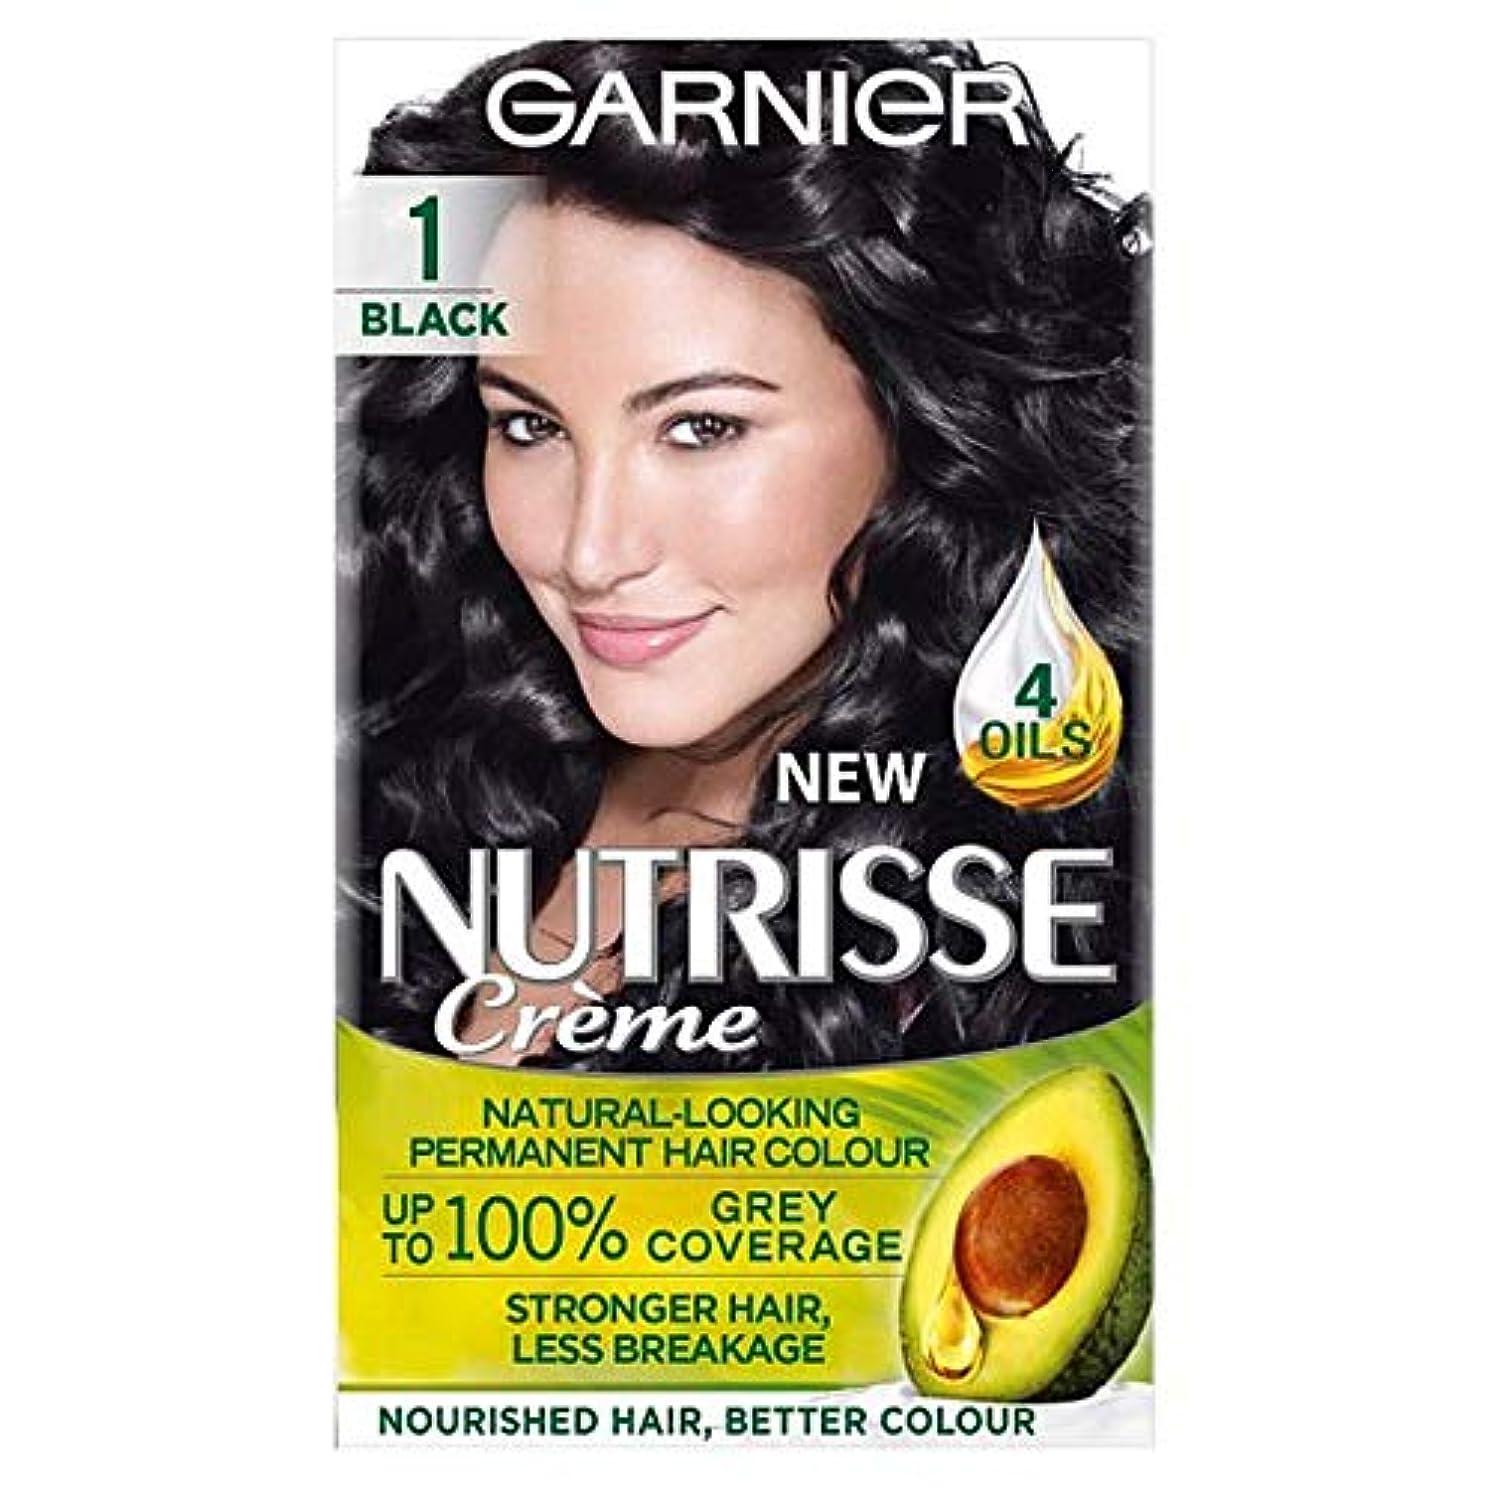 狂人平らにするかき混ぜる[Nutrisse] ガルニエNutrisse 1黒のパーマネントヘアダイ - Garnier Nutrisse 1 Black Permanent Hair Dye [並行輸入品]